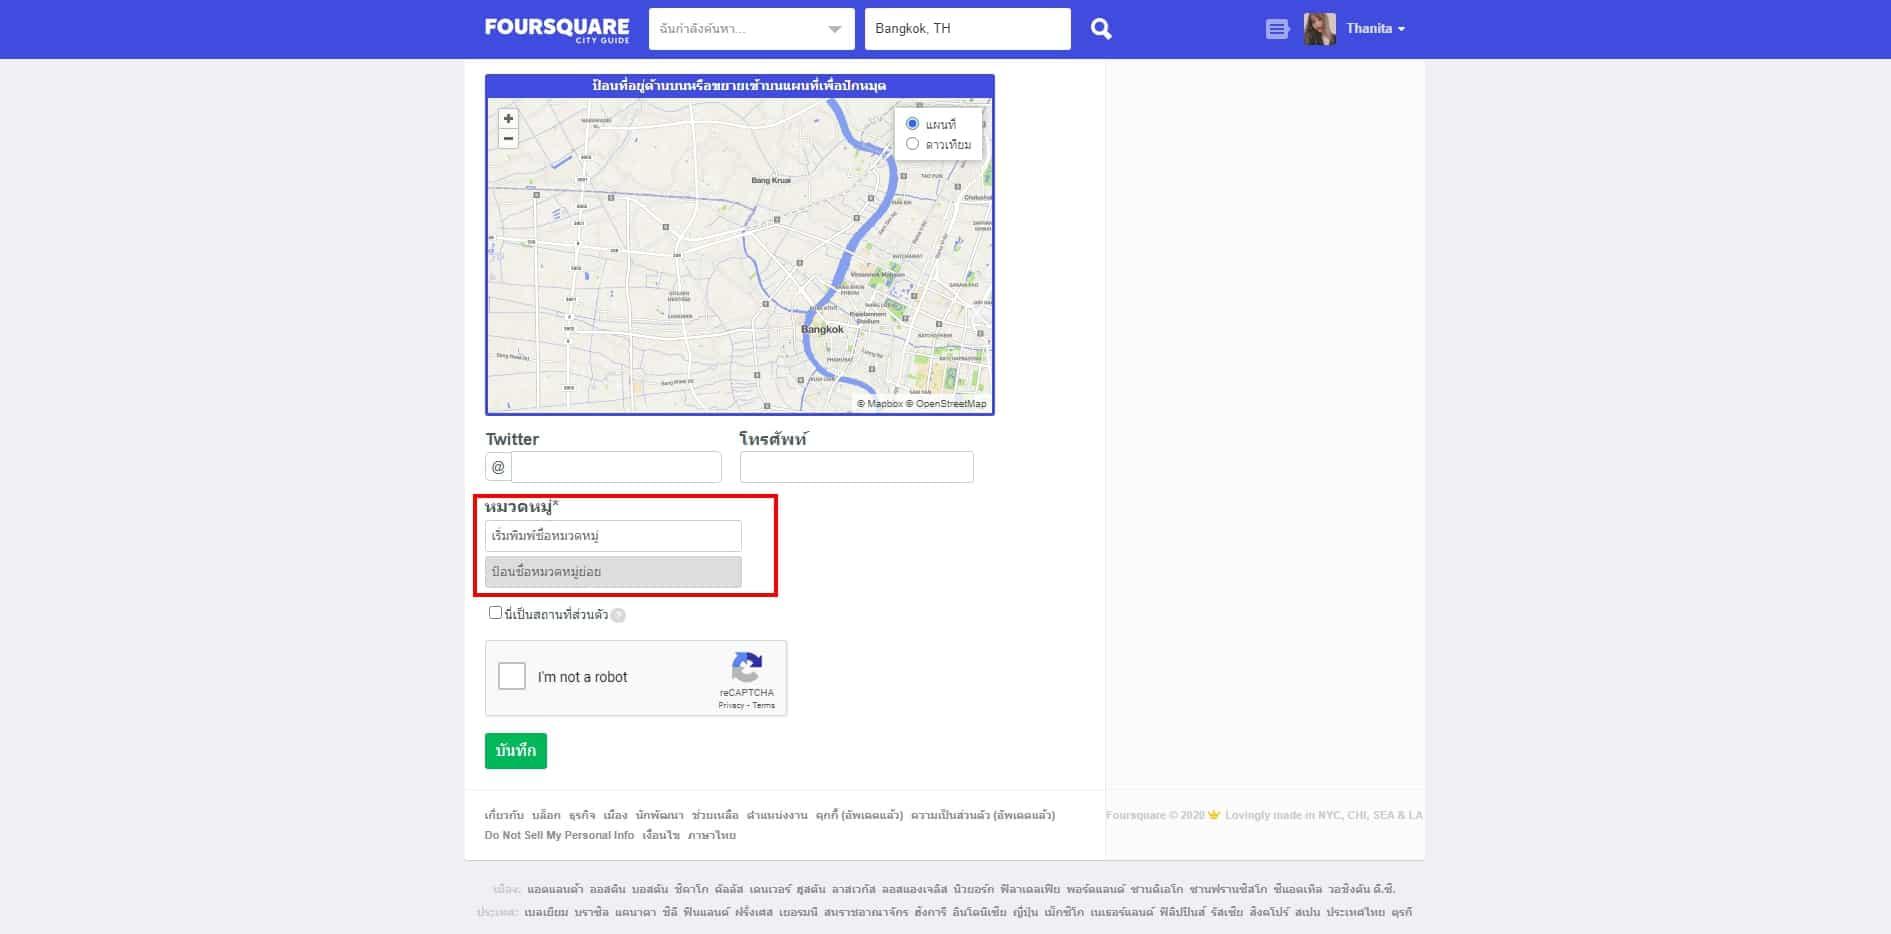 8 วิธีสร้างโลเคชั่นร้านค้าใน Line ด้วย Foursquare